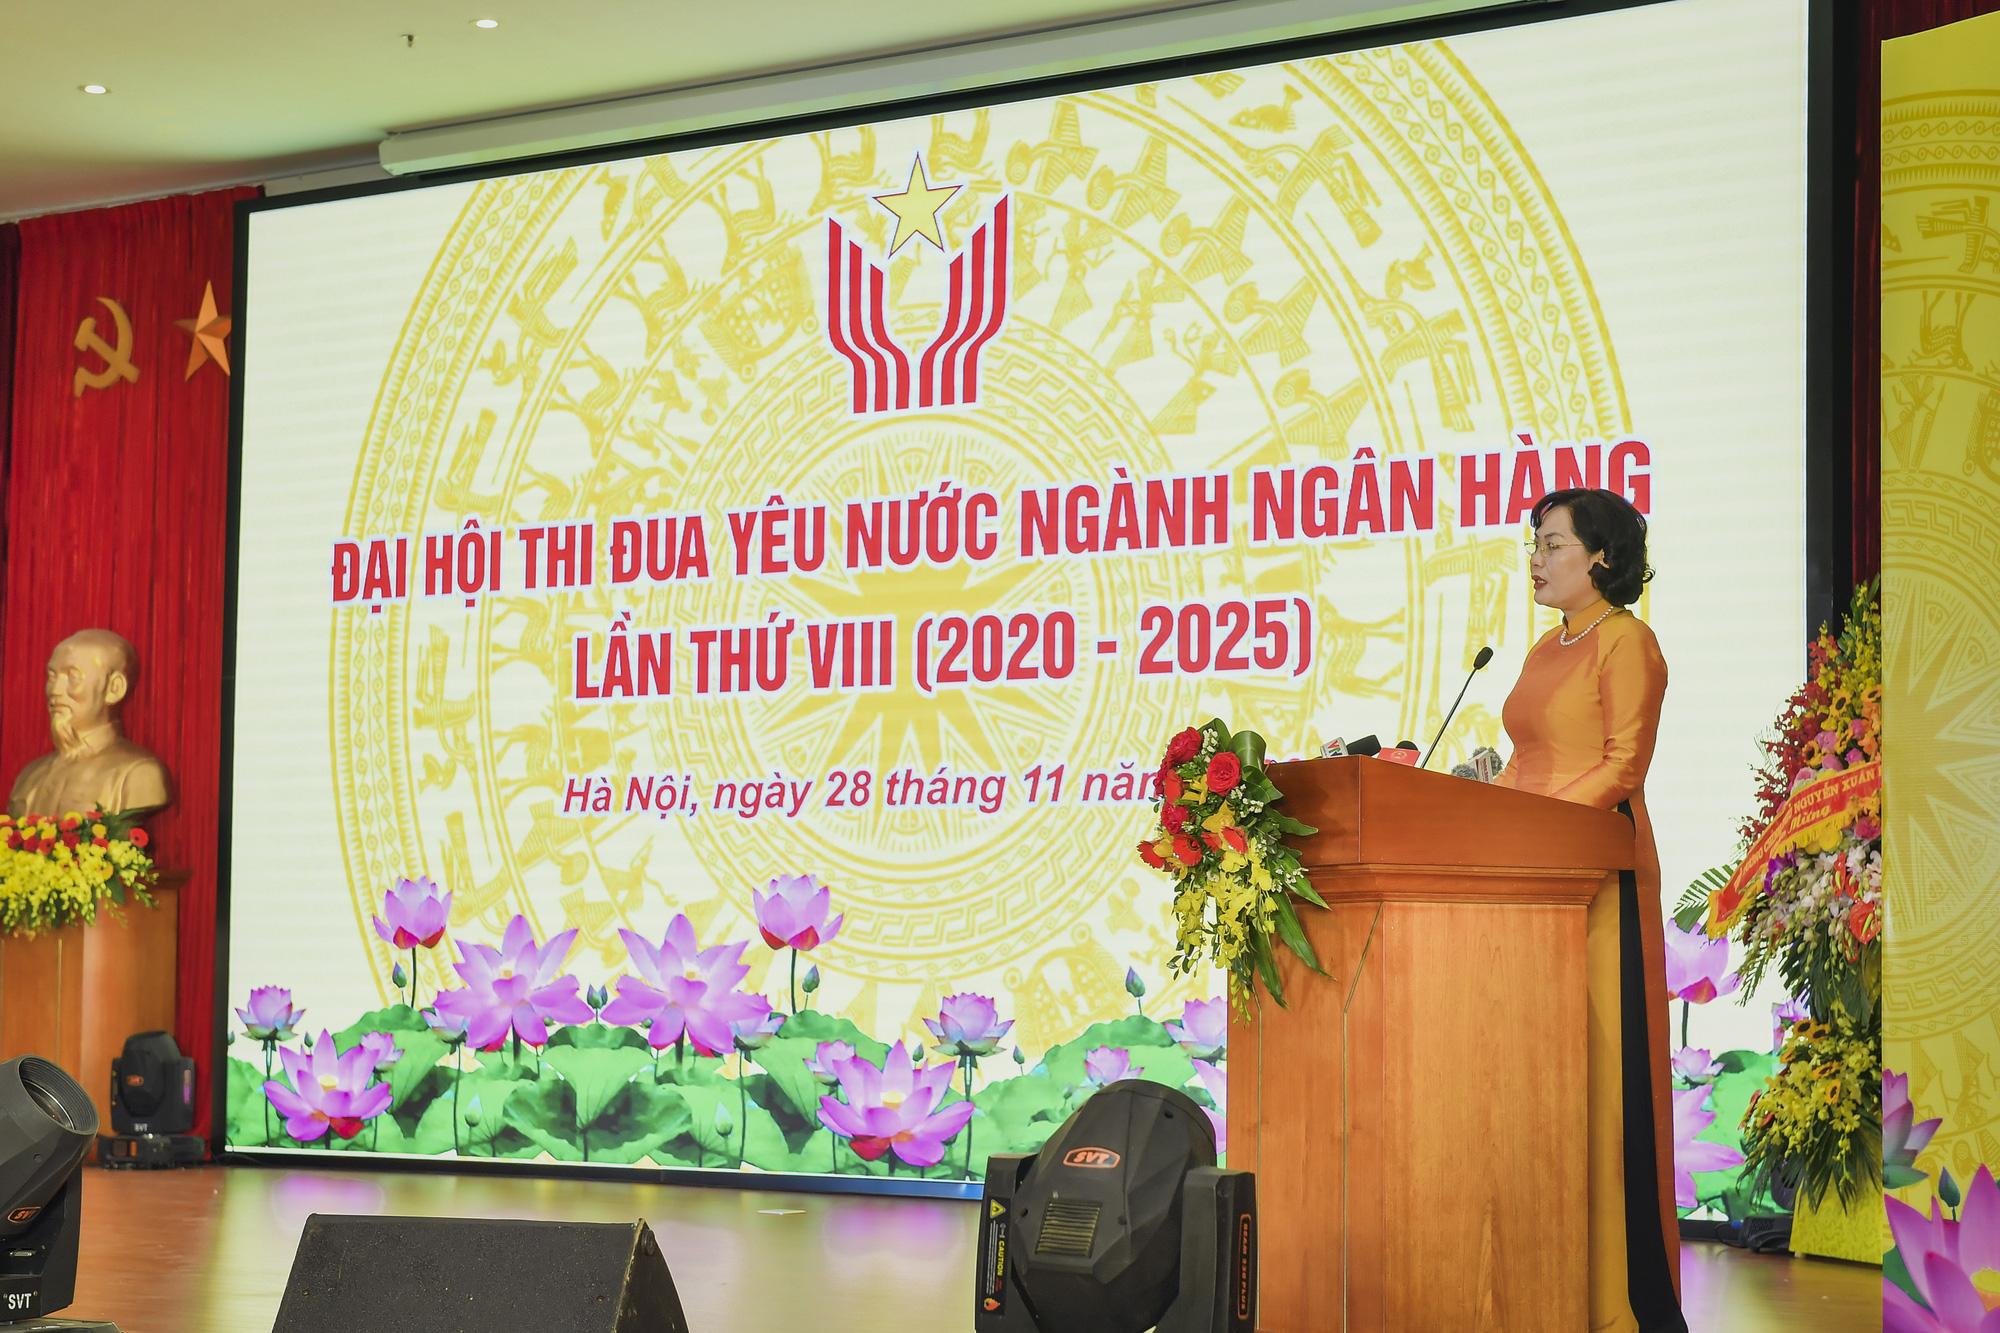 Chủ tịch Quốc hội dự Đại hội thi đua yêu nước ngành Ngân hàng - Ảnh 4.